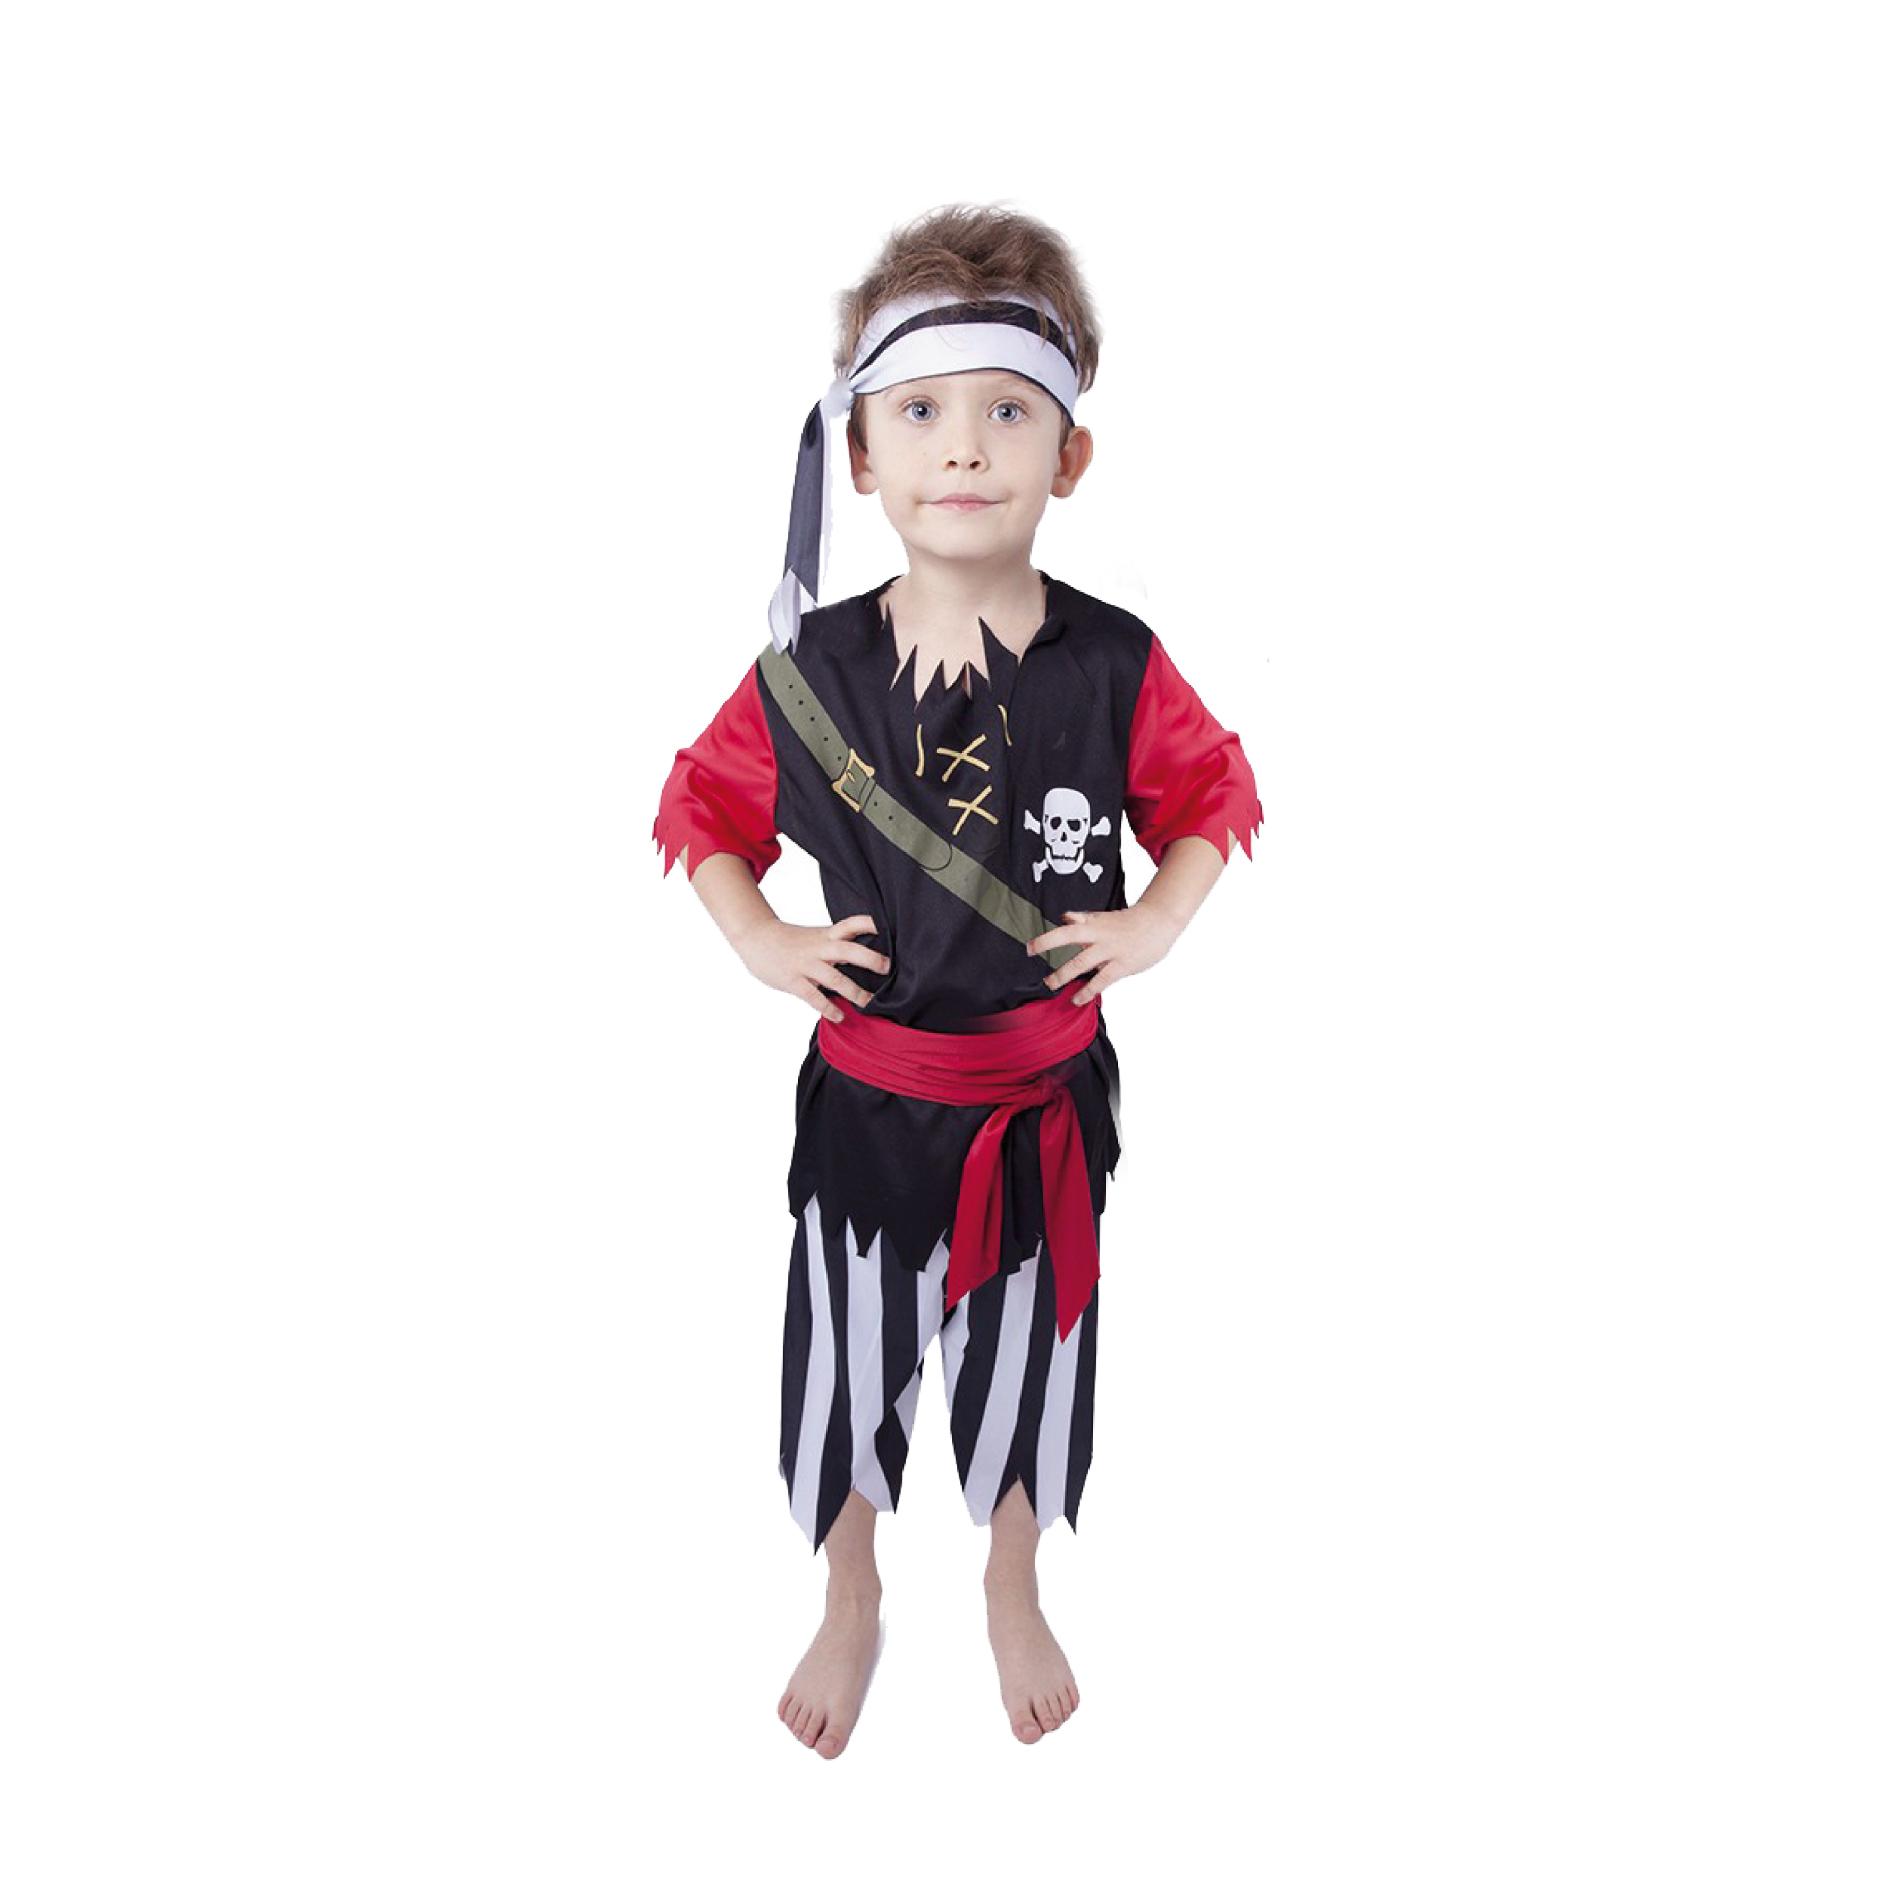 Dětský kostým pirát s šátkem (M) e-obal